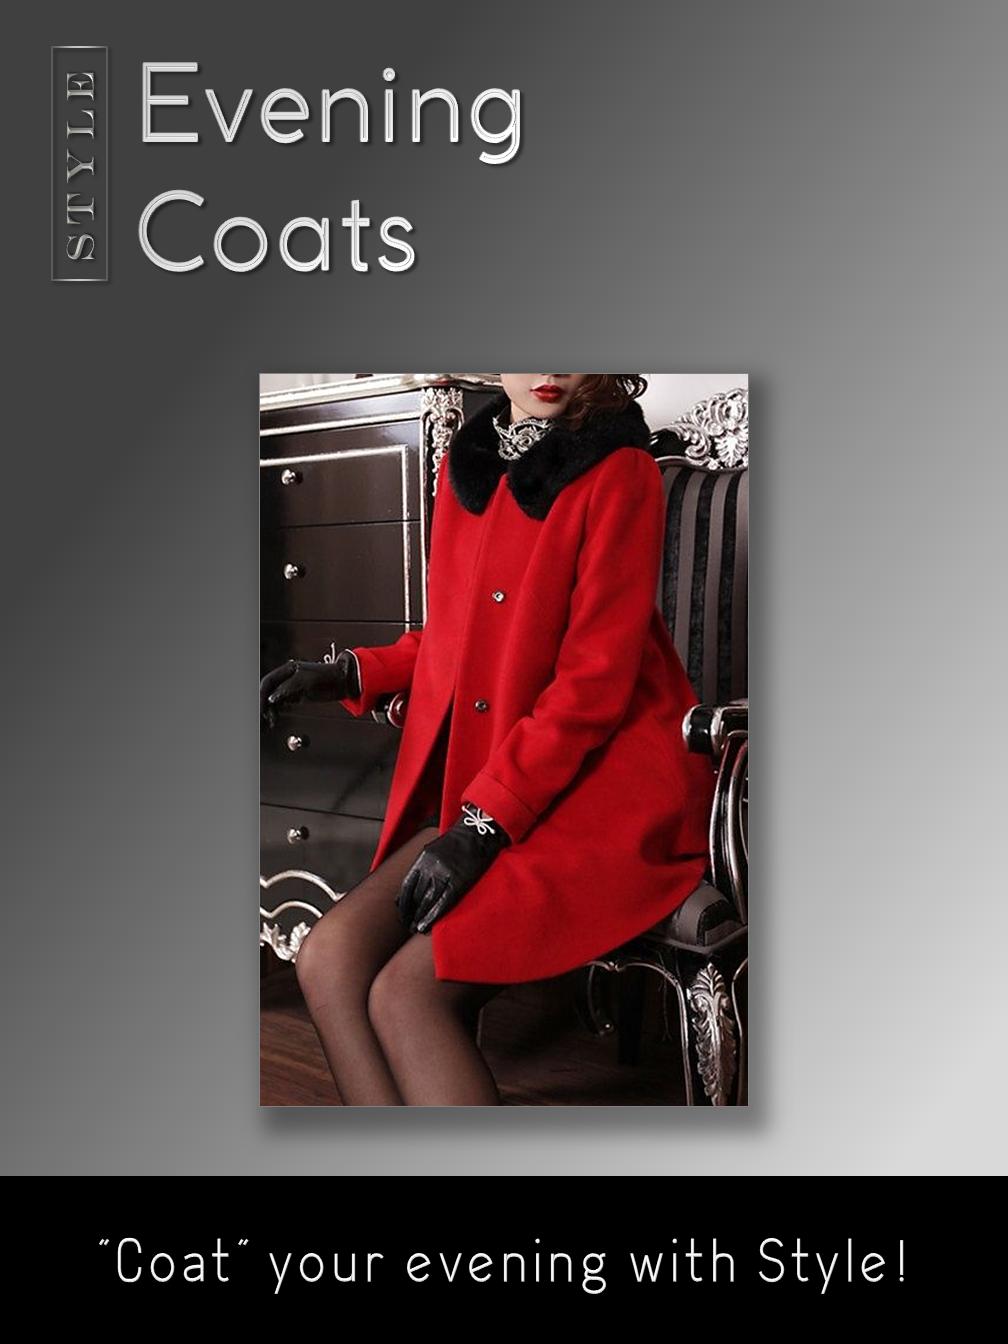 Evening Coats